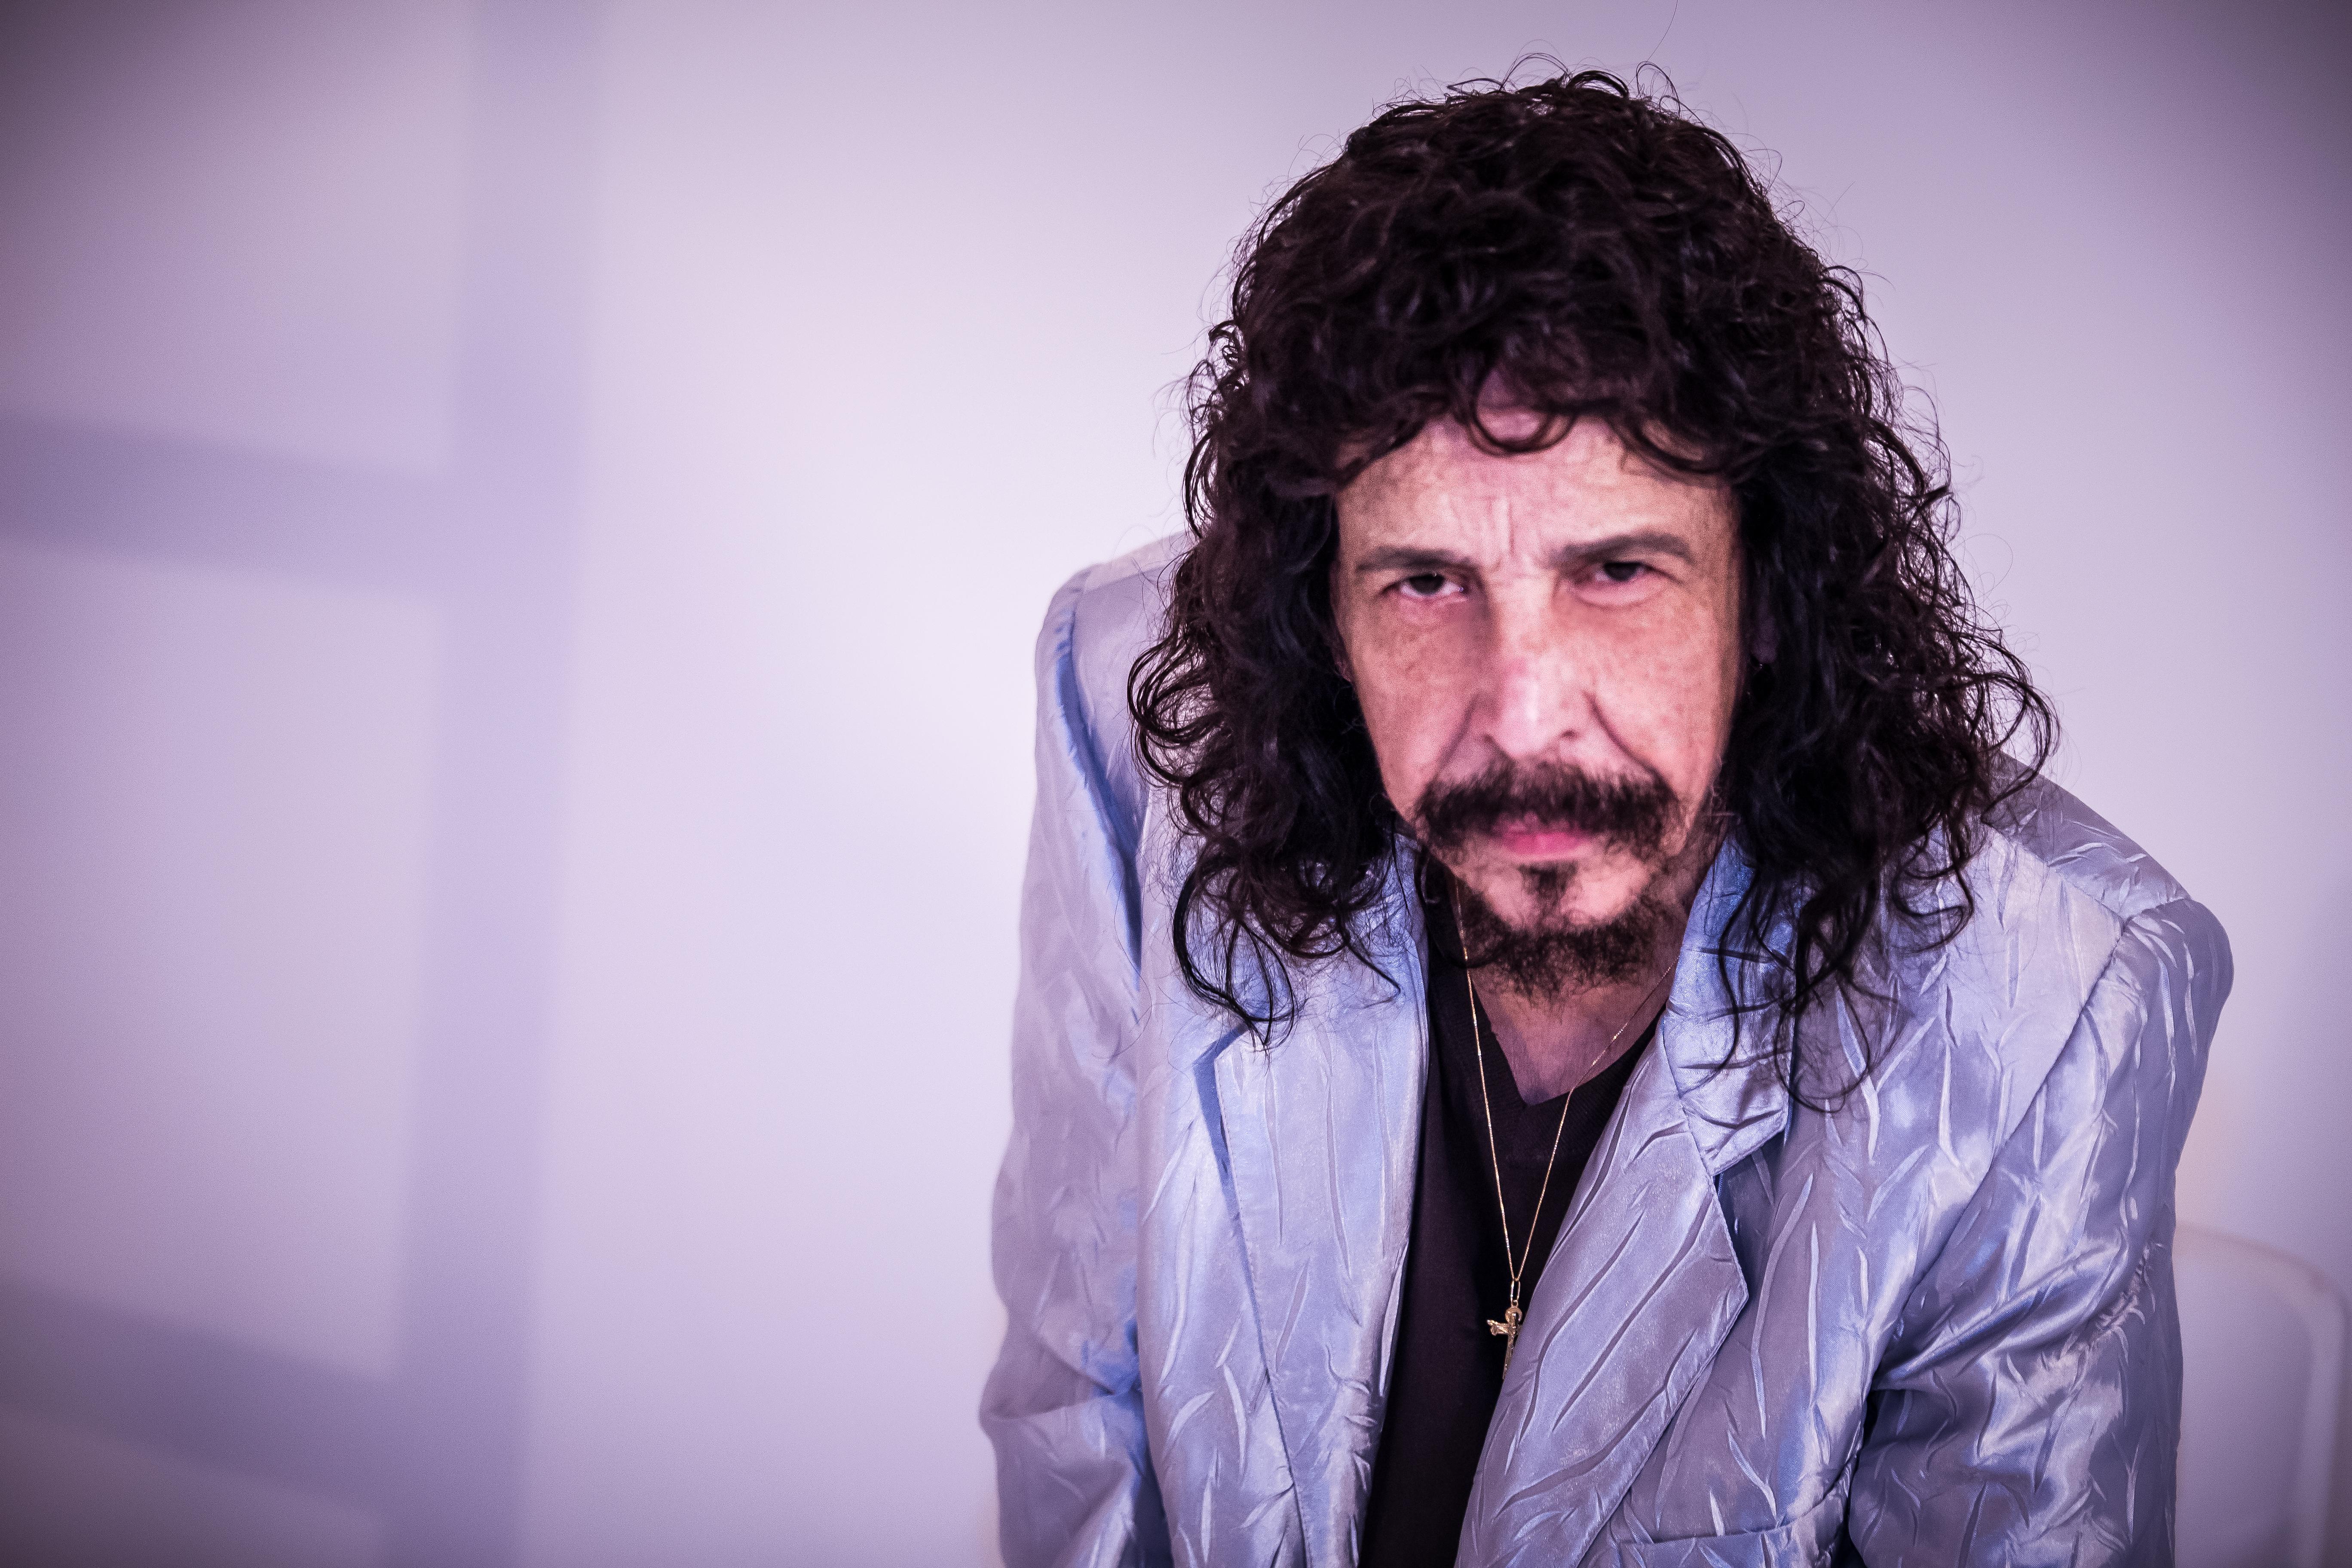 Benito de Paula faz a sua última turnê em Natal e como conheci suas músicas